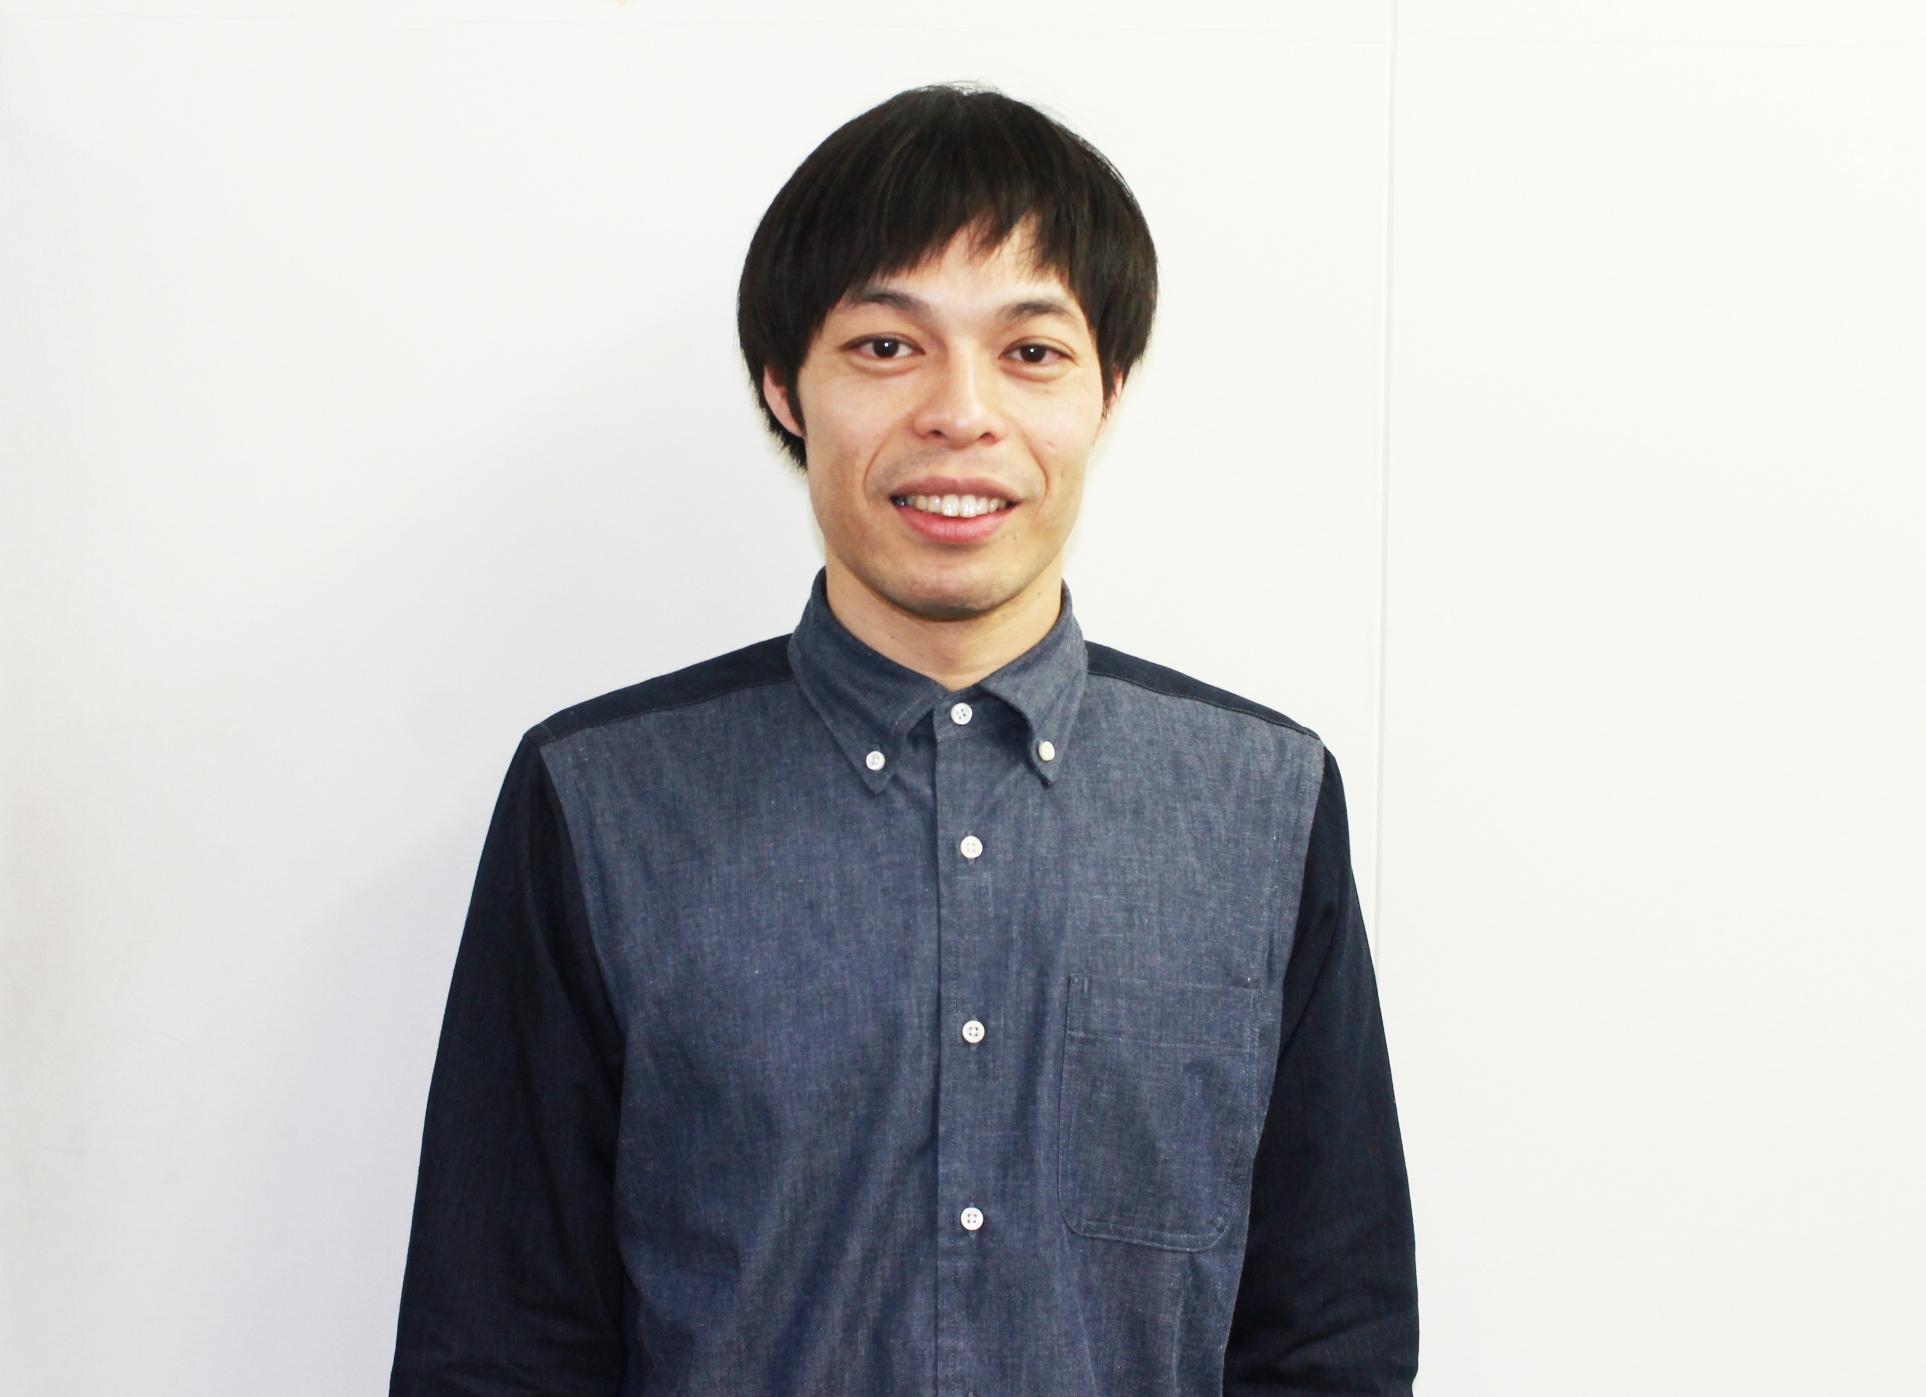 こちらヨーロッパ企画福岡支部ポッドキャスト